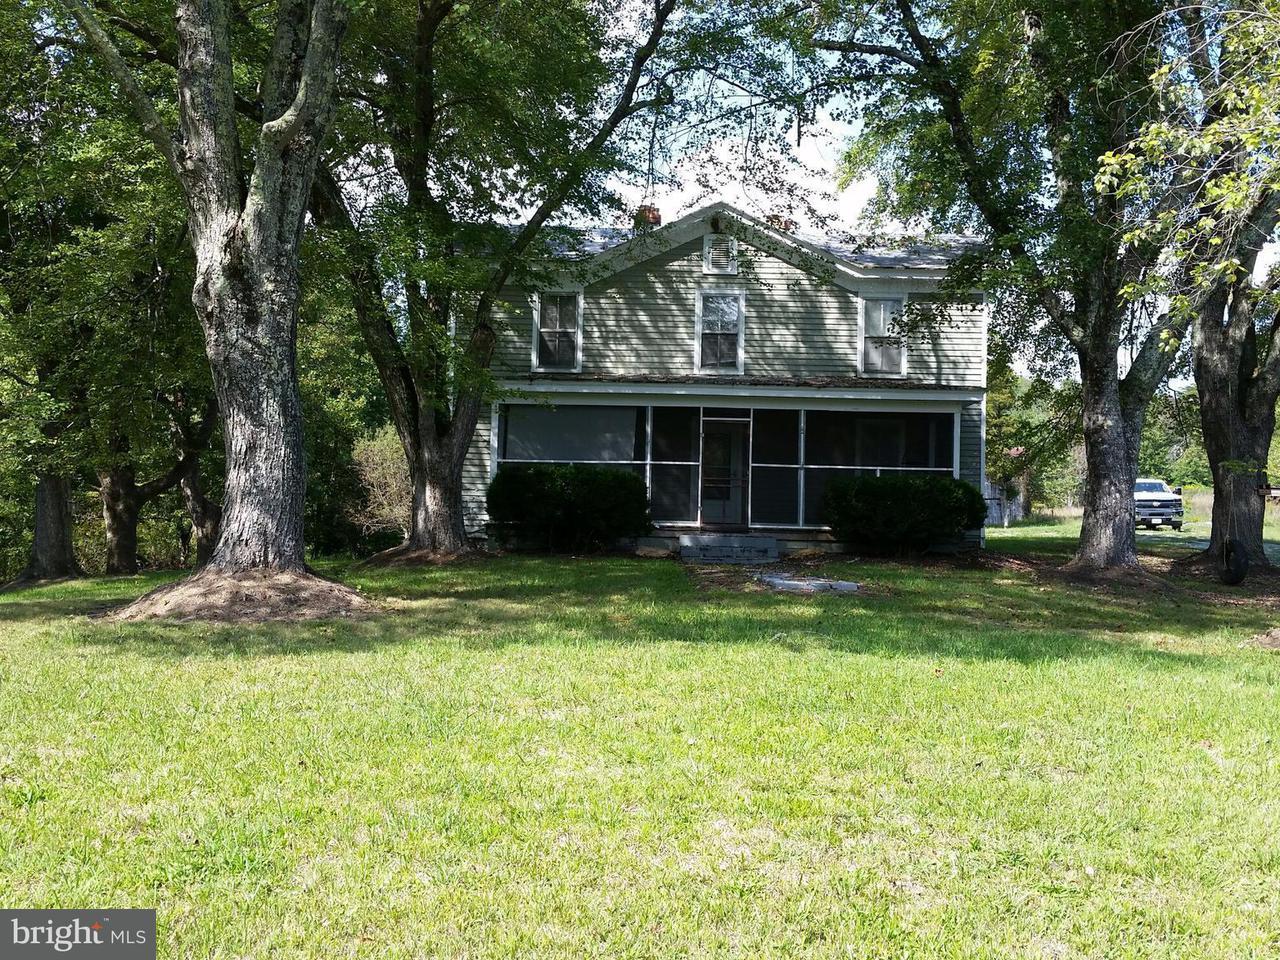 Einfamilienhaus für Verkauf beim 8015 SHANNON HILL Road 8015 SHANNON HILL Road Louisa, Virginia 23093 Vereinigte Staaten